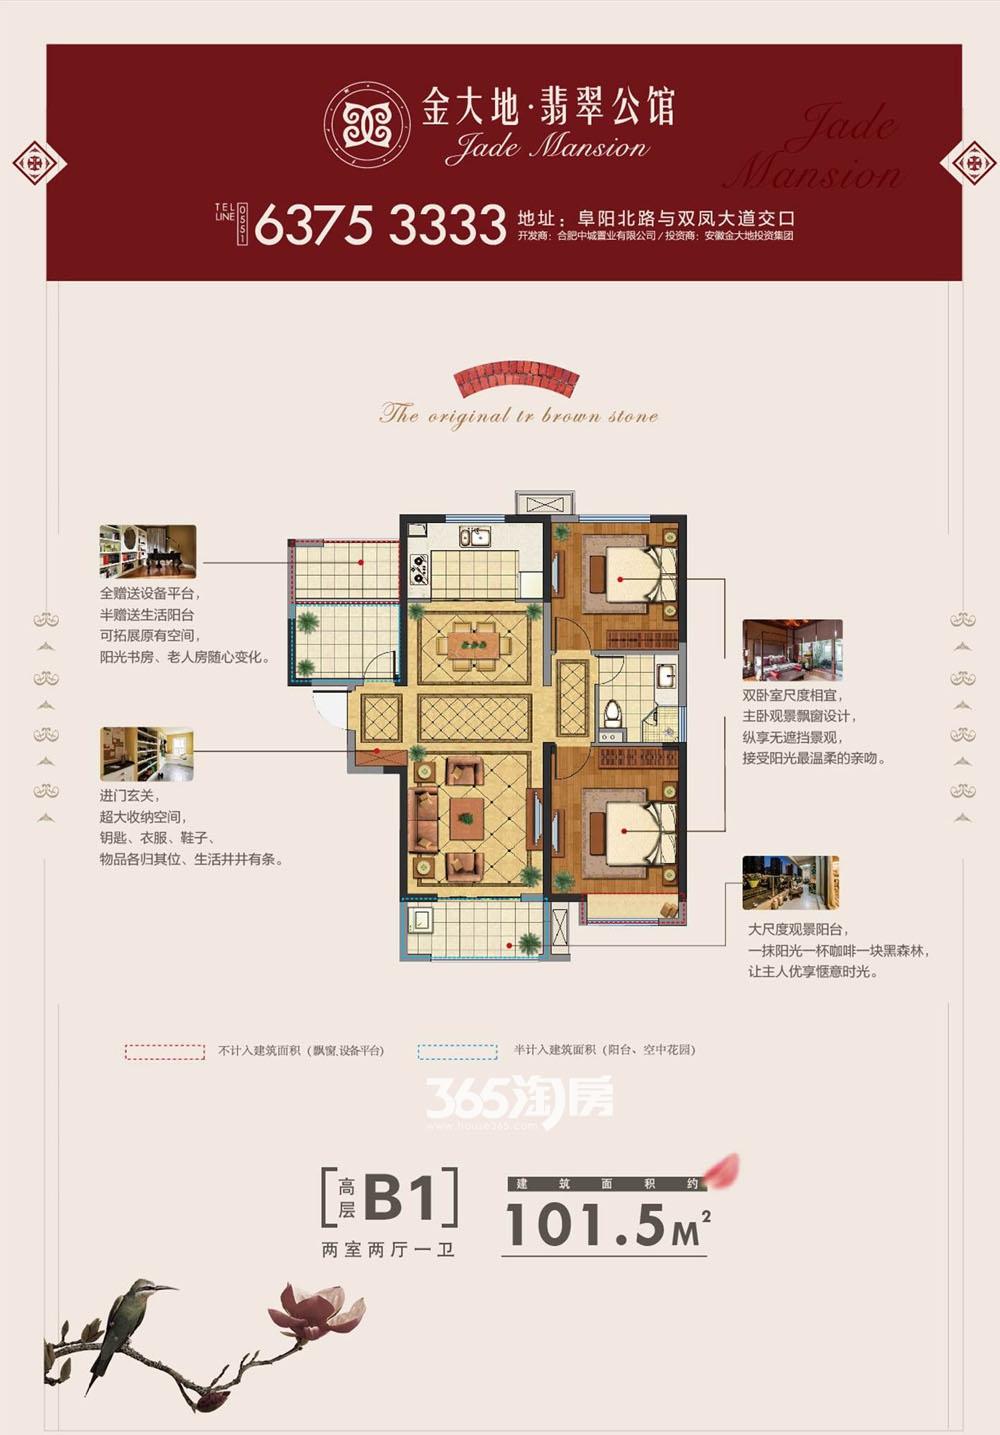 金大地翡翠公馆高层B1户型2+1室